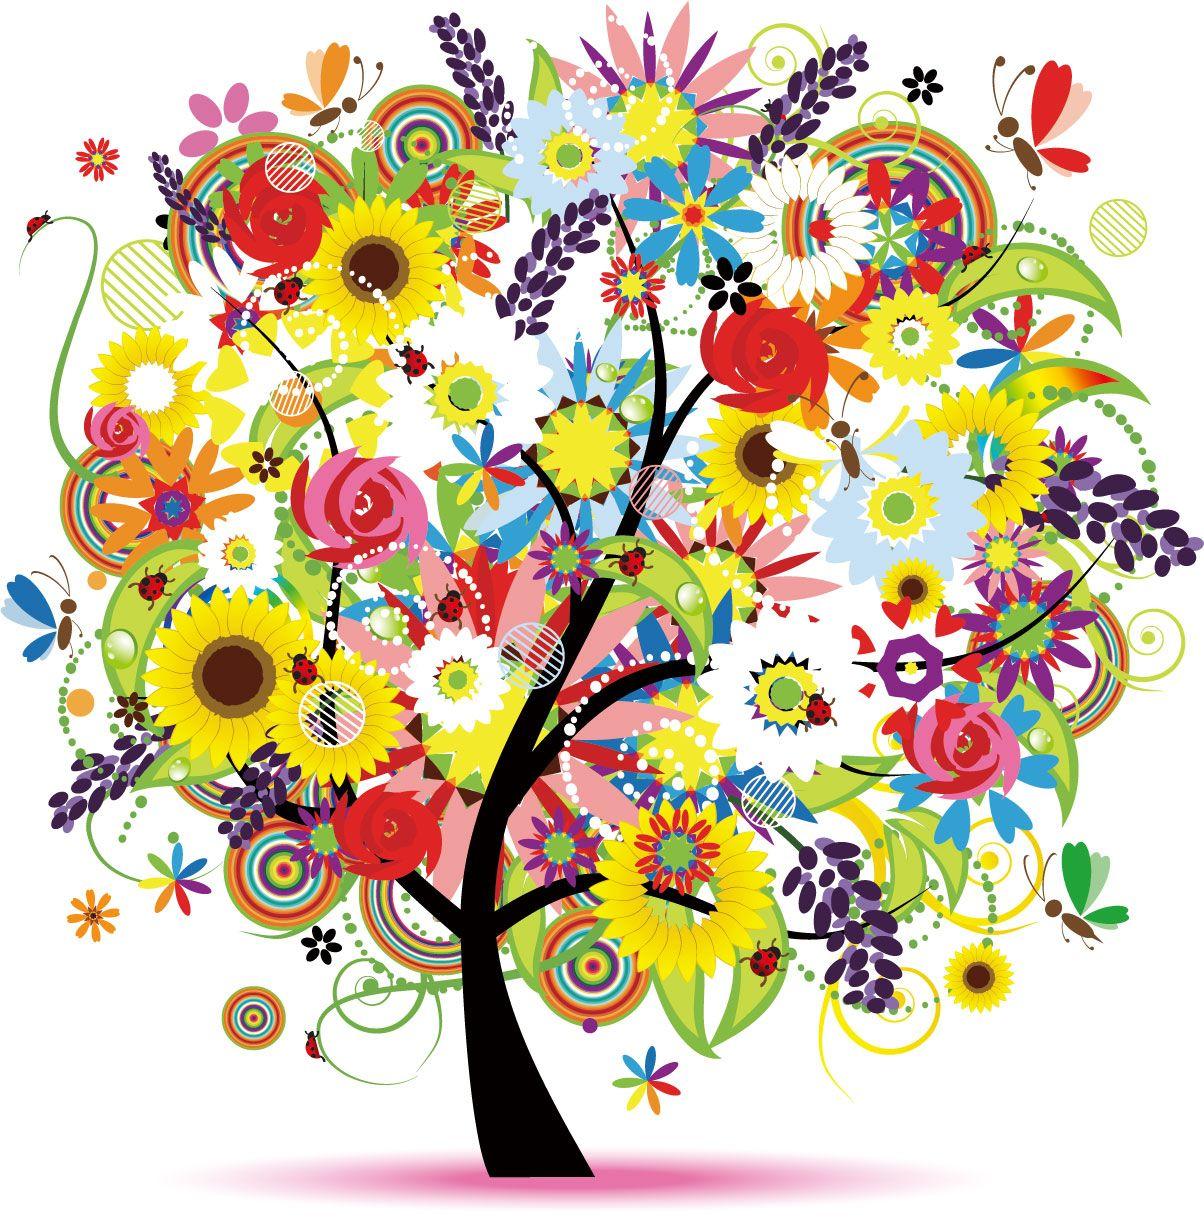 ポップでかわいい花イラスト  | 平面構成 | pinterest | intuition